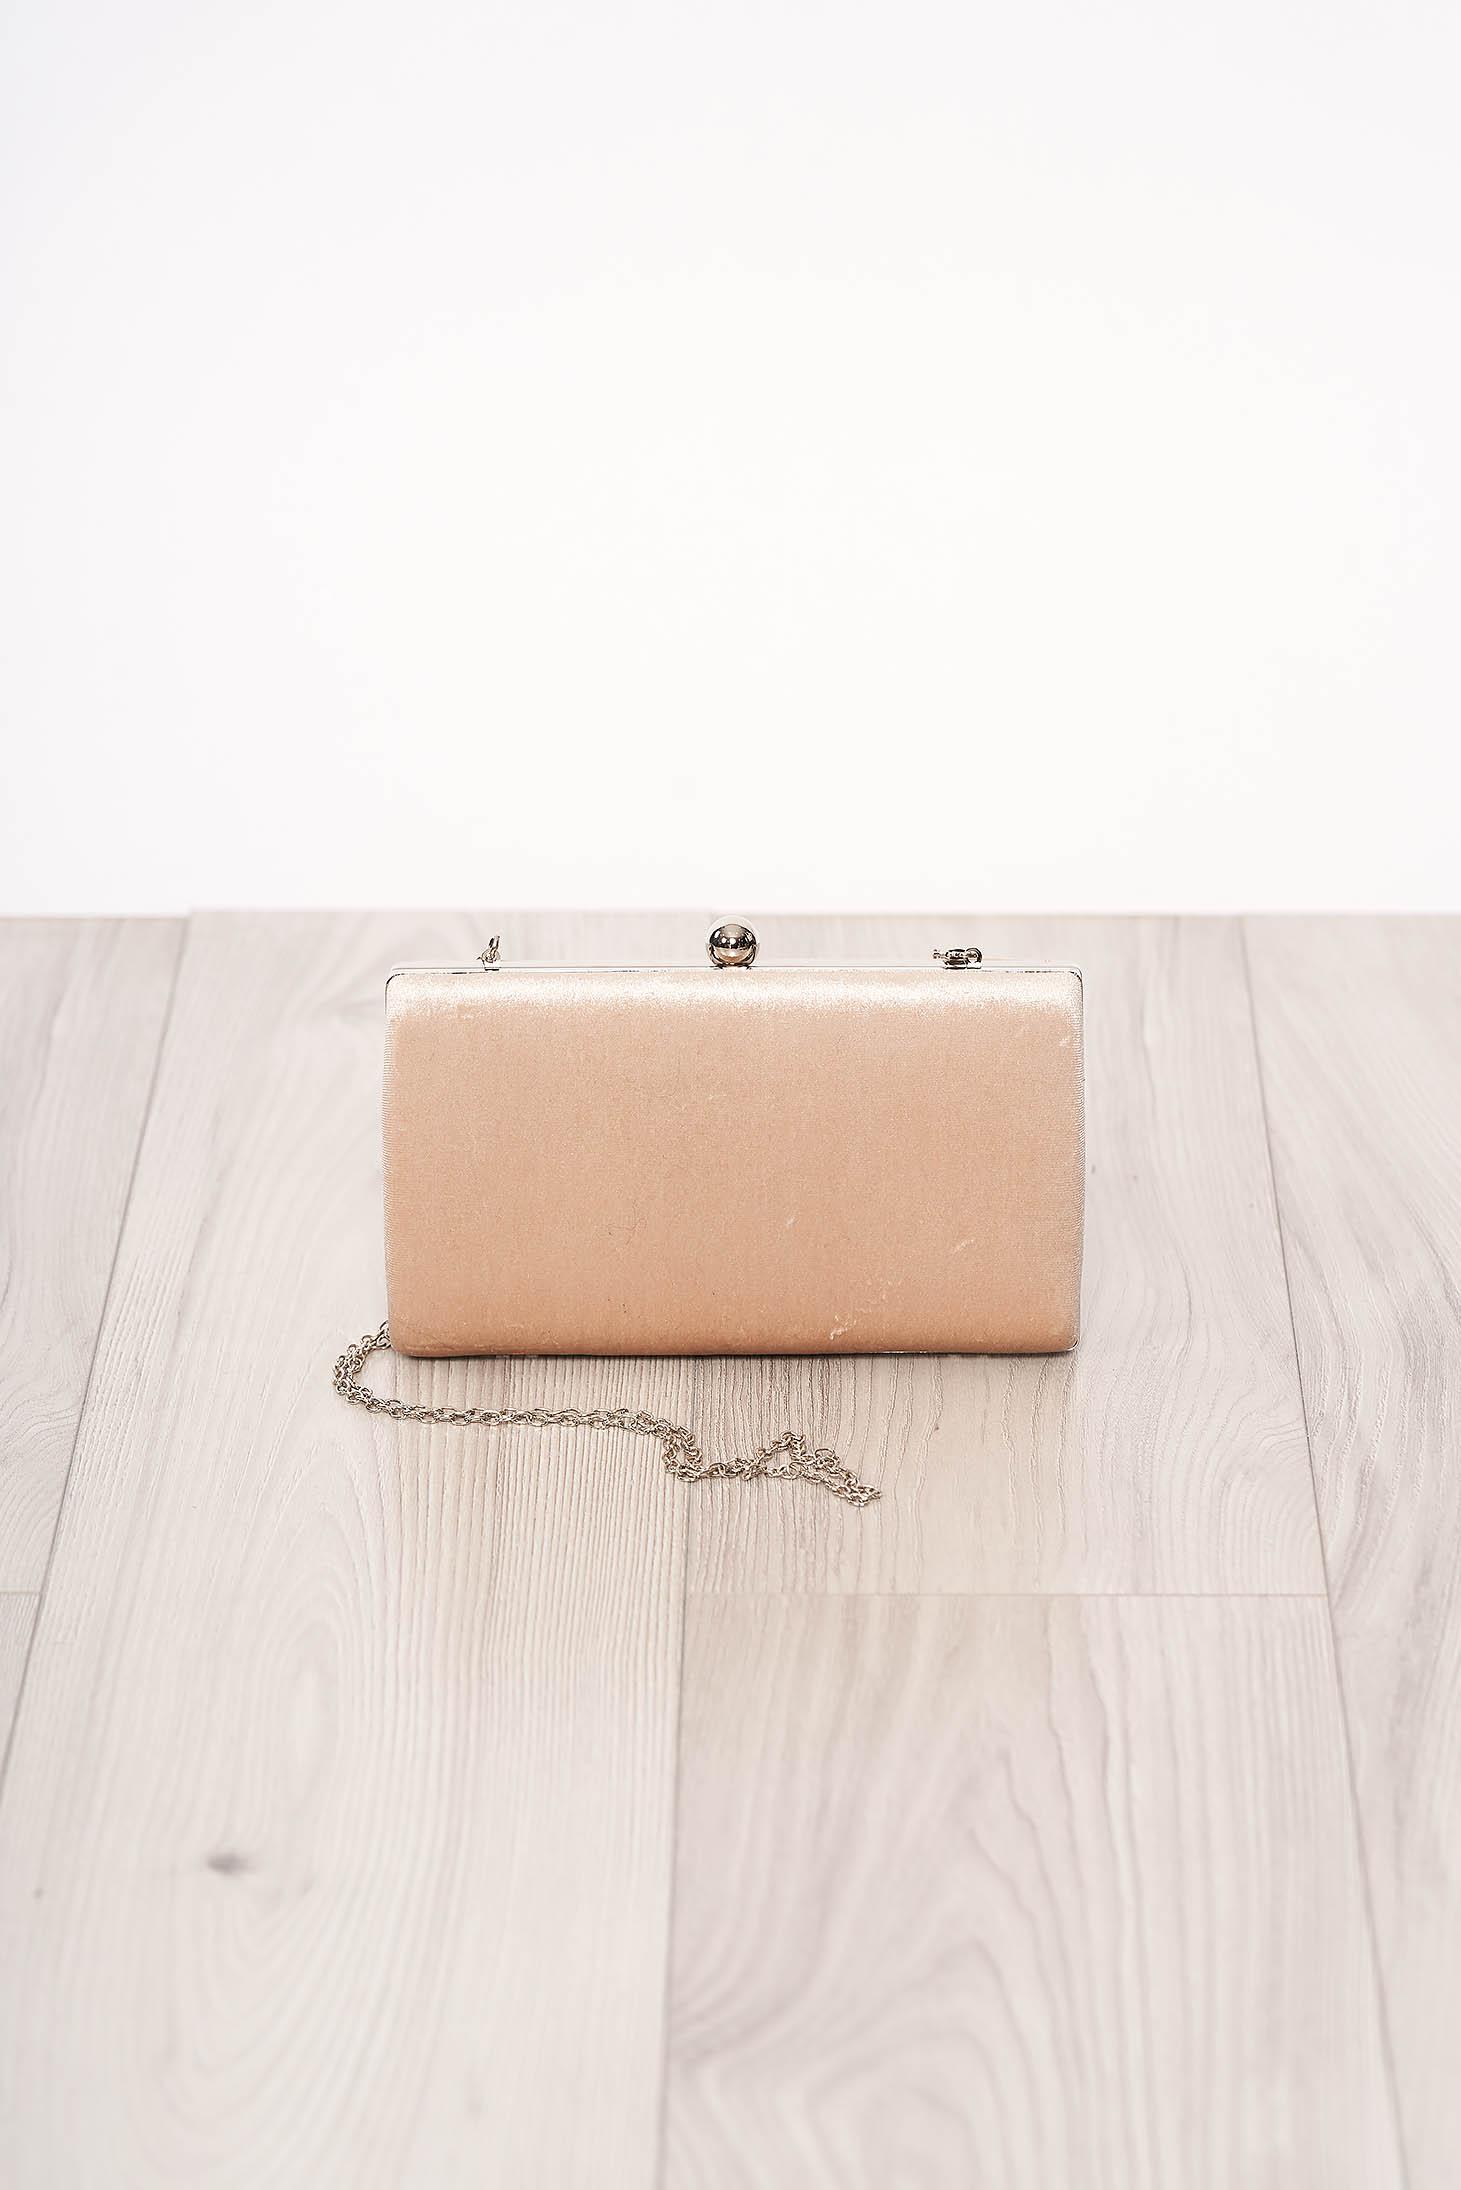 Geanta dama SunShine crem de ocazie din piele intoarsa ecologica cu aspect satinat cu maner lung tip lantisor accesorizata cu o catarama